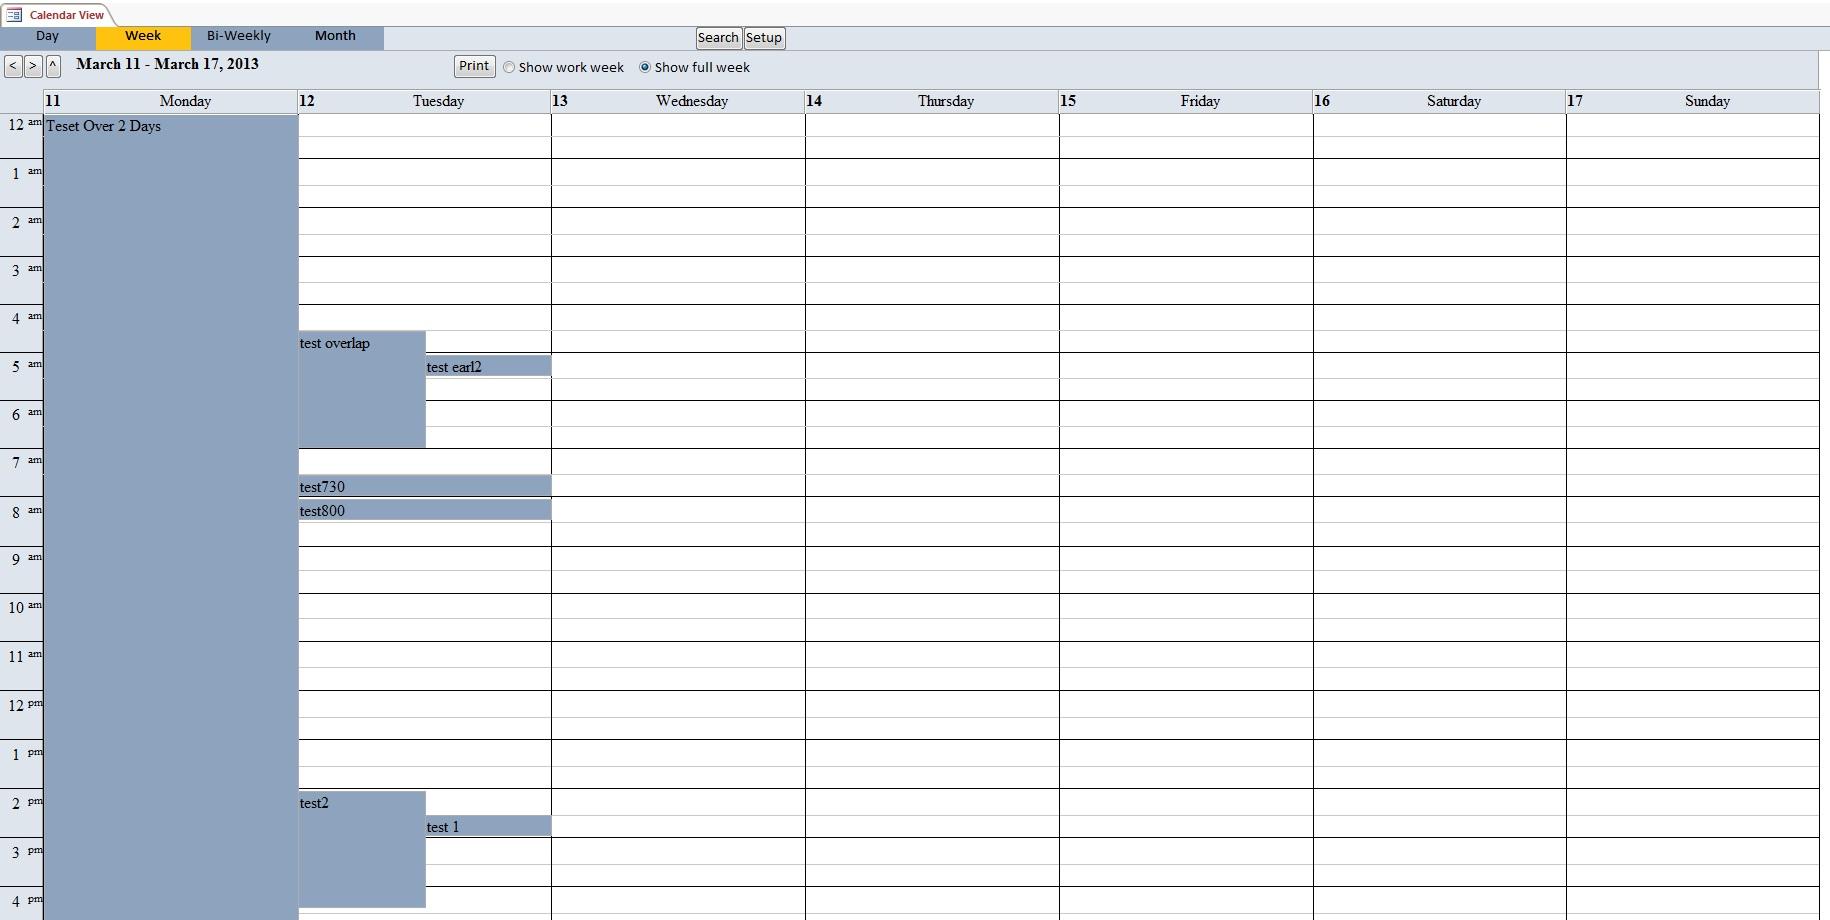 filemaker pro calendar template free - free access calendar template calendar template 2018